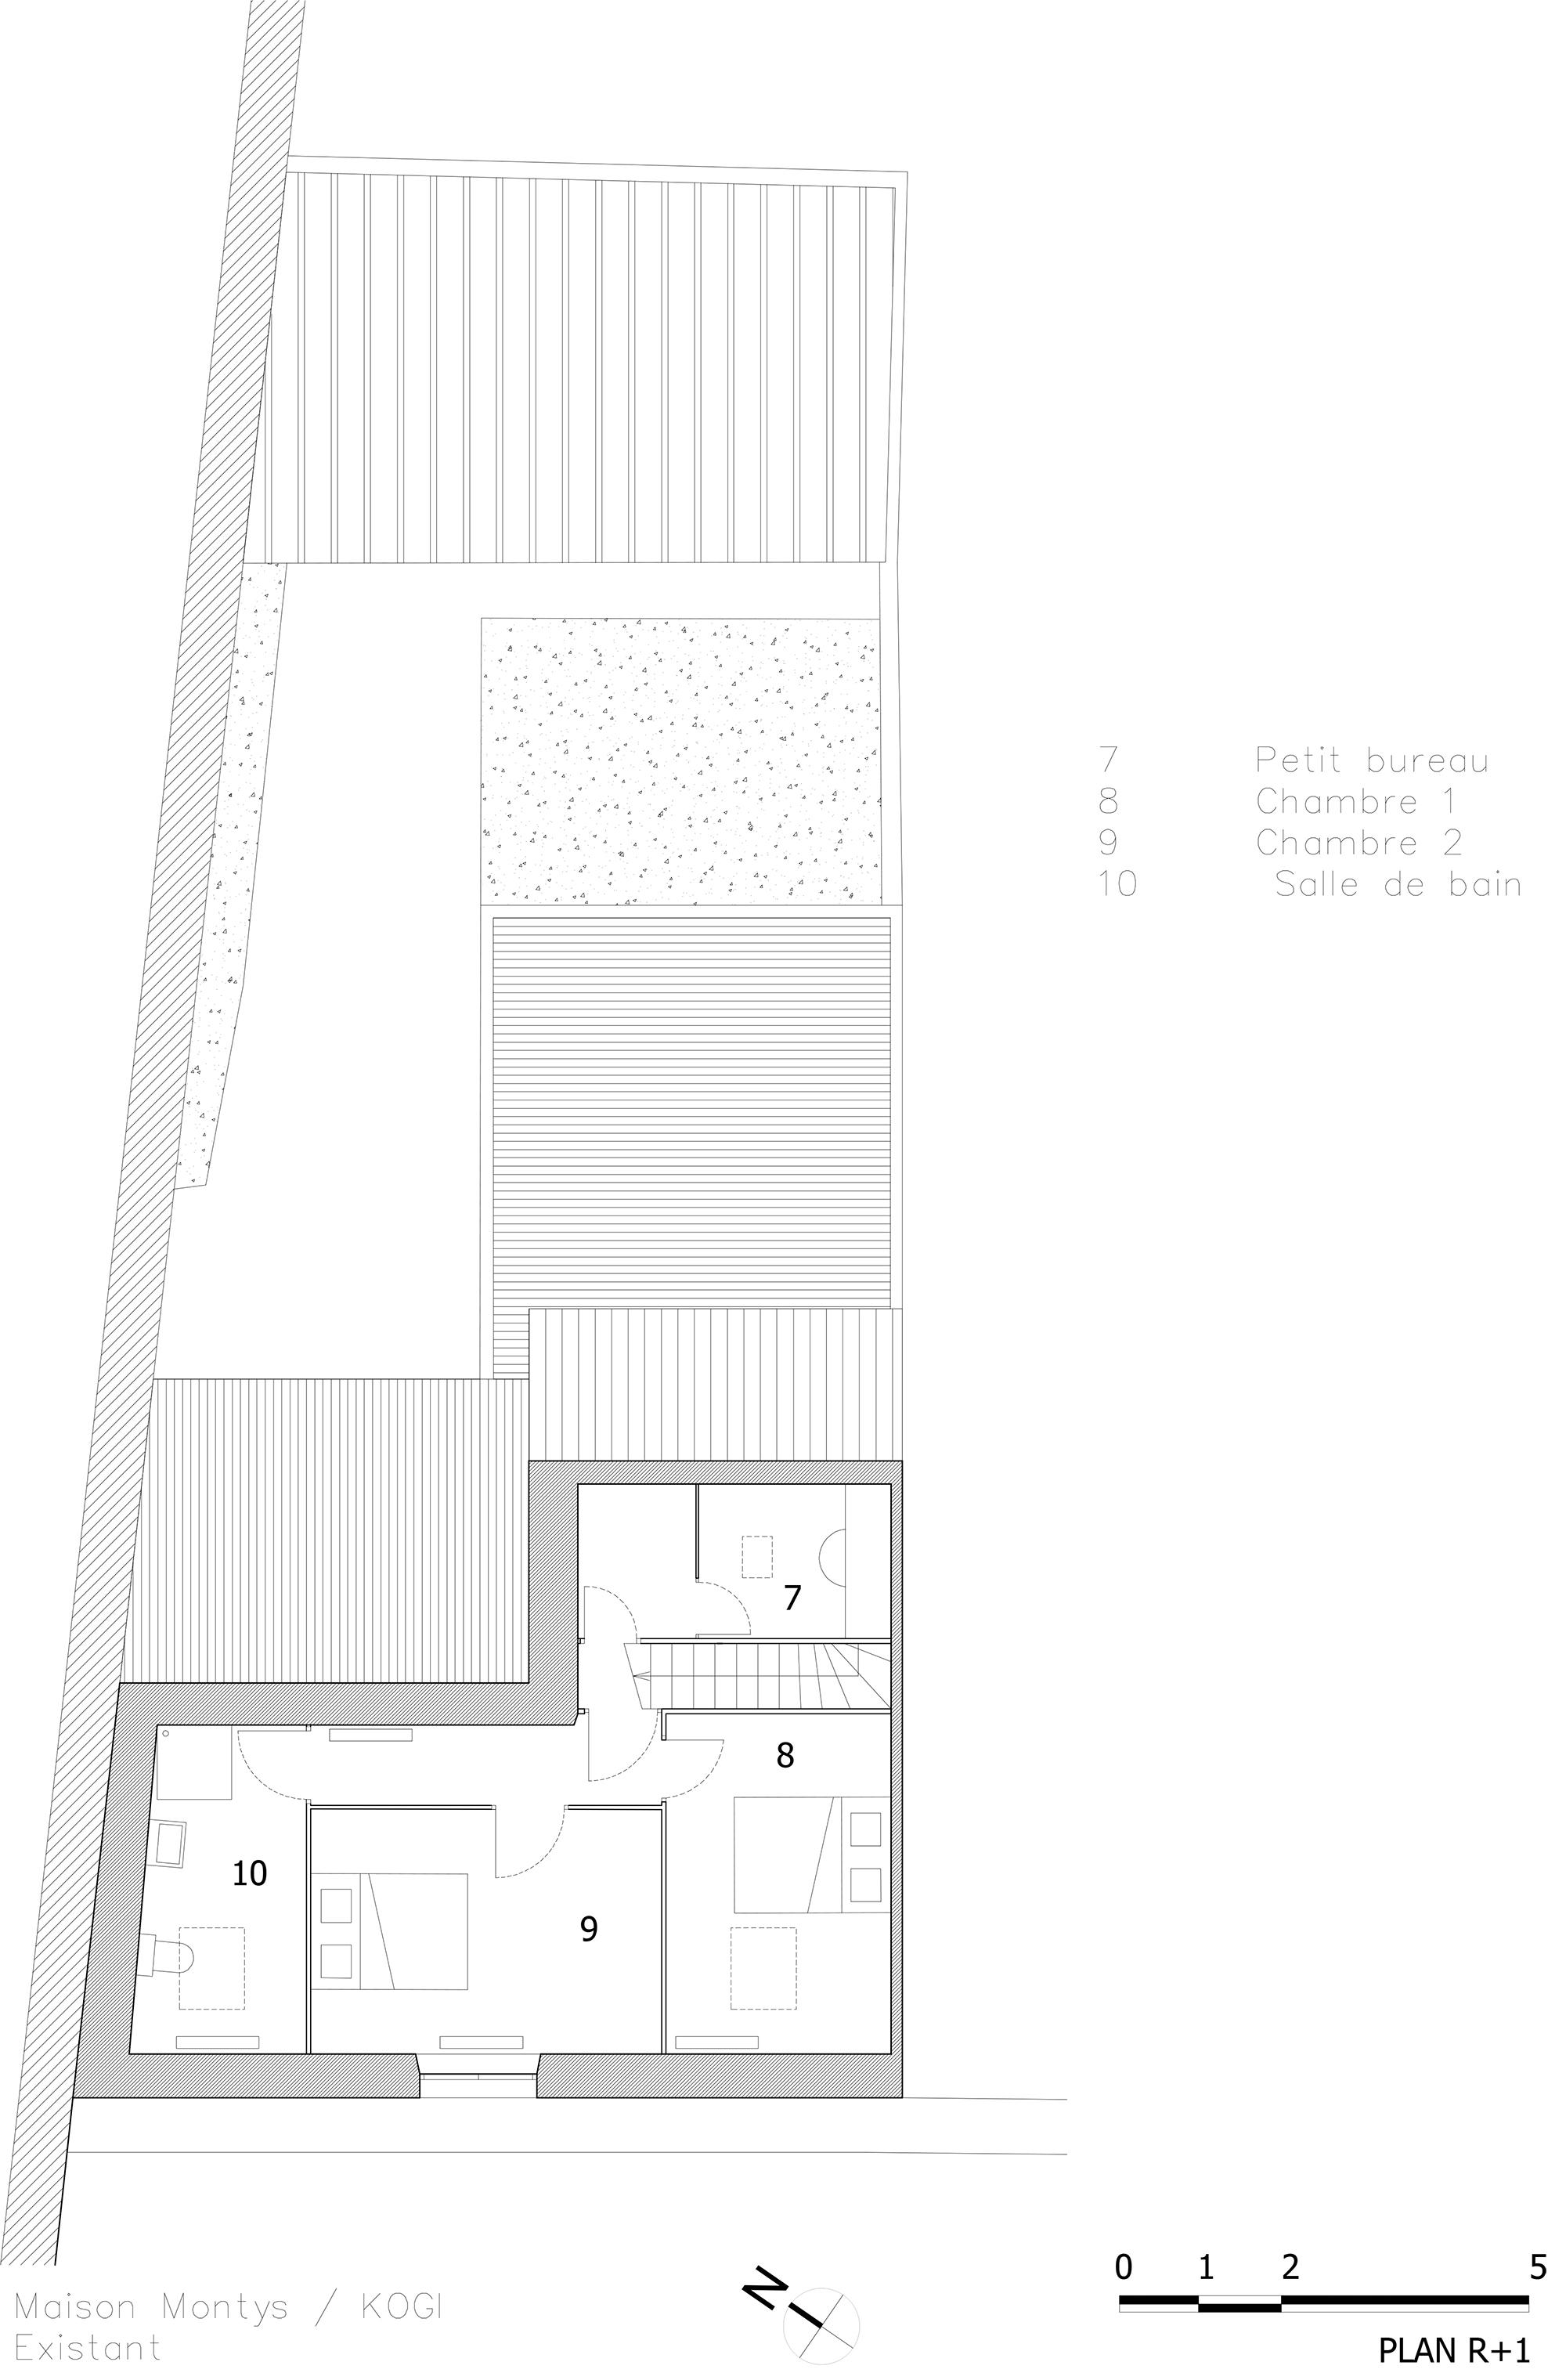 KOGI-Maison Montys - Existant - Plan R+1